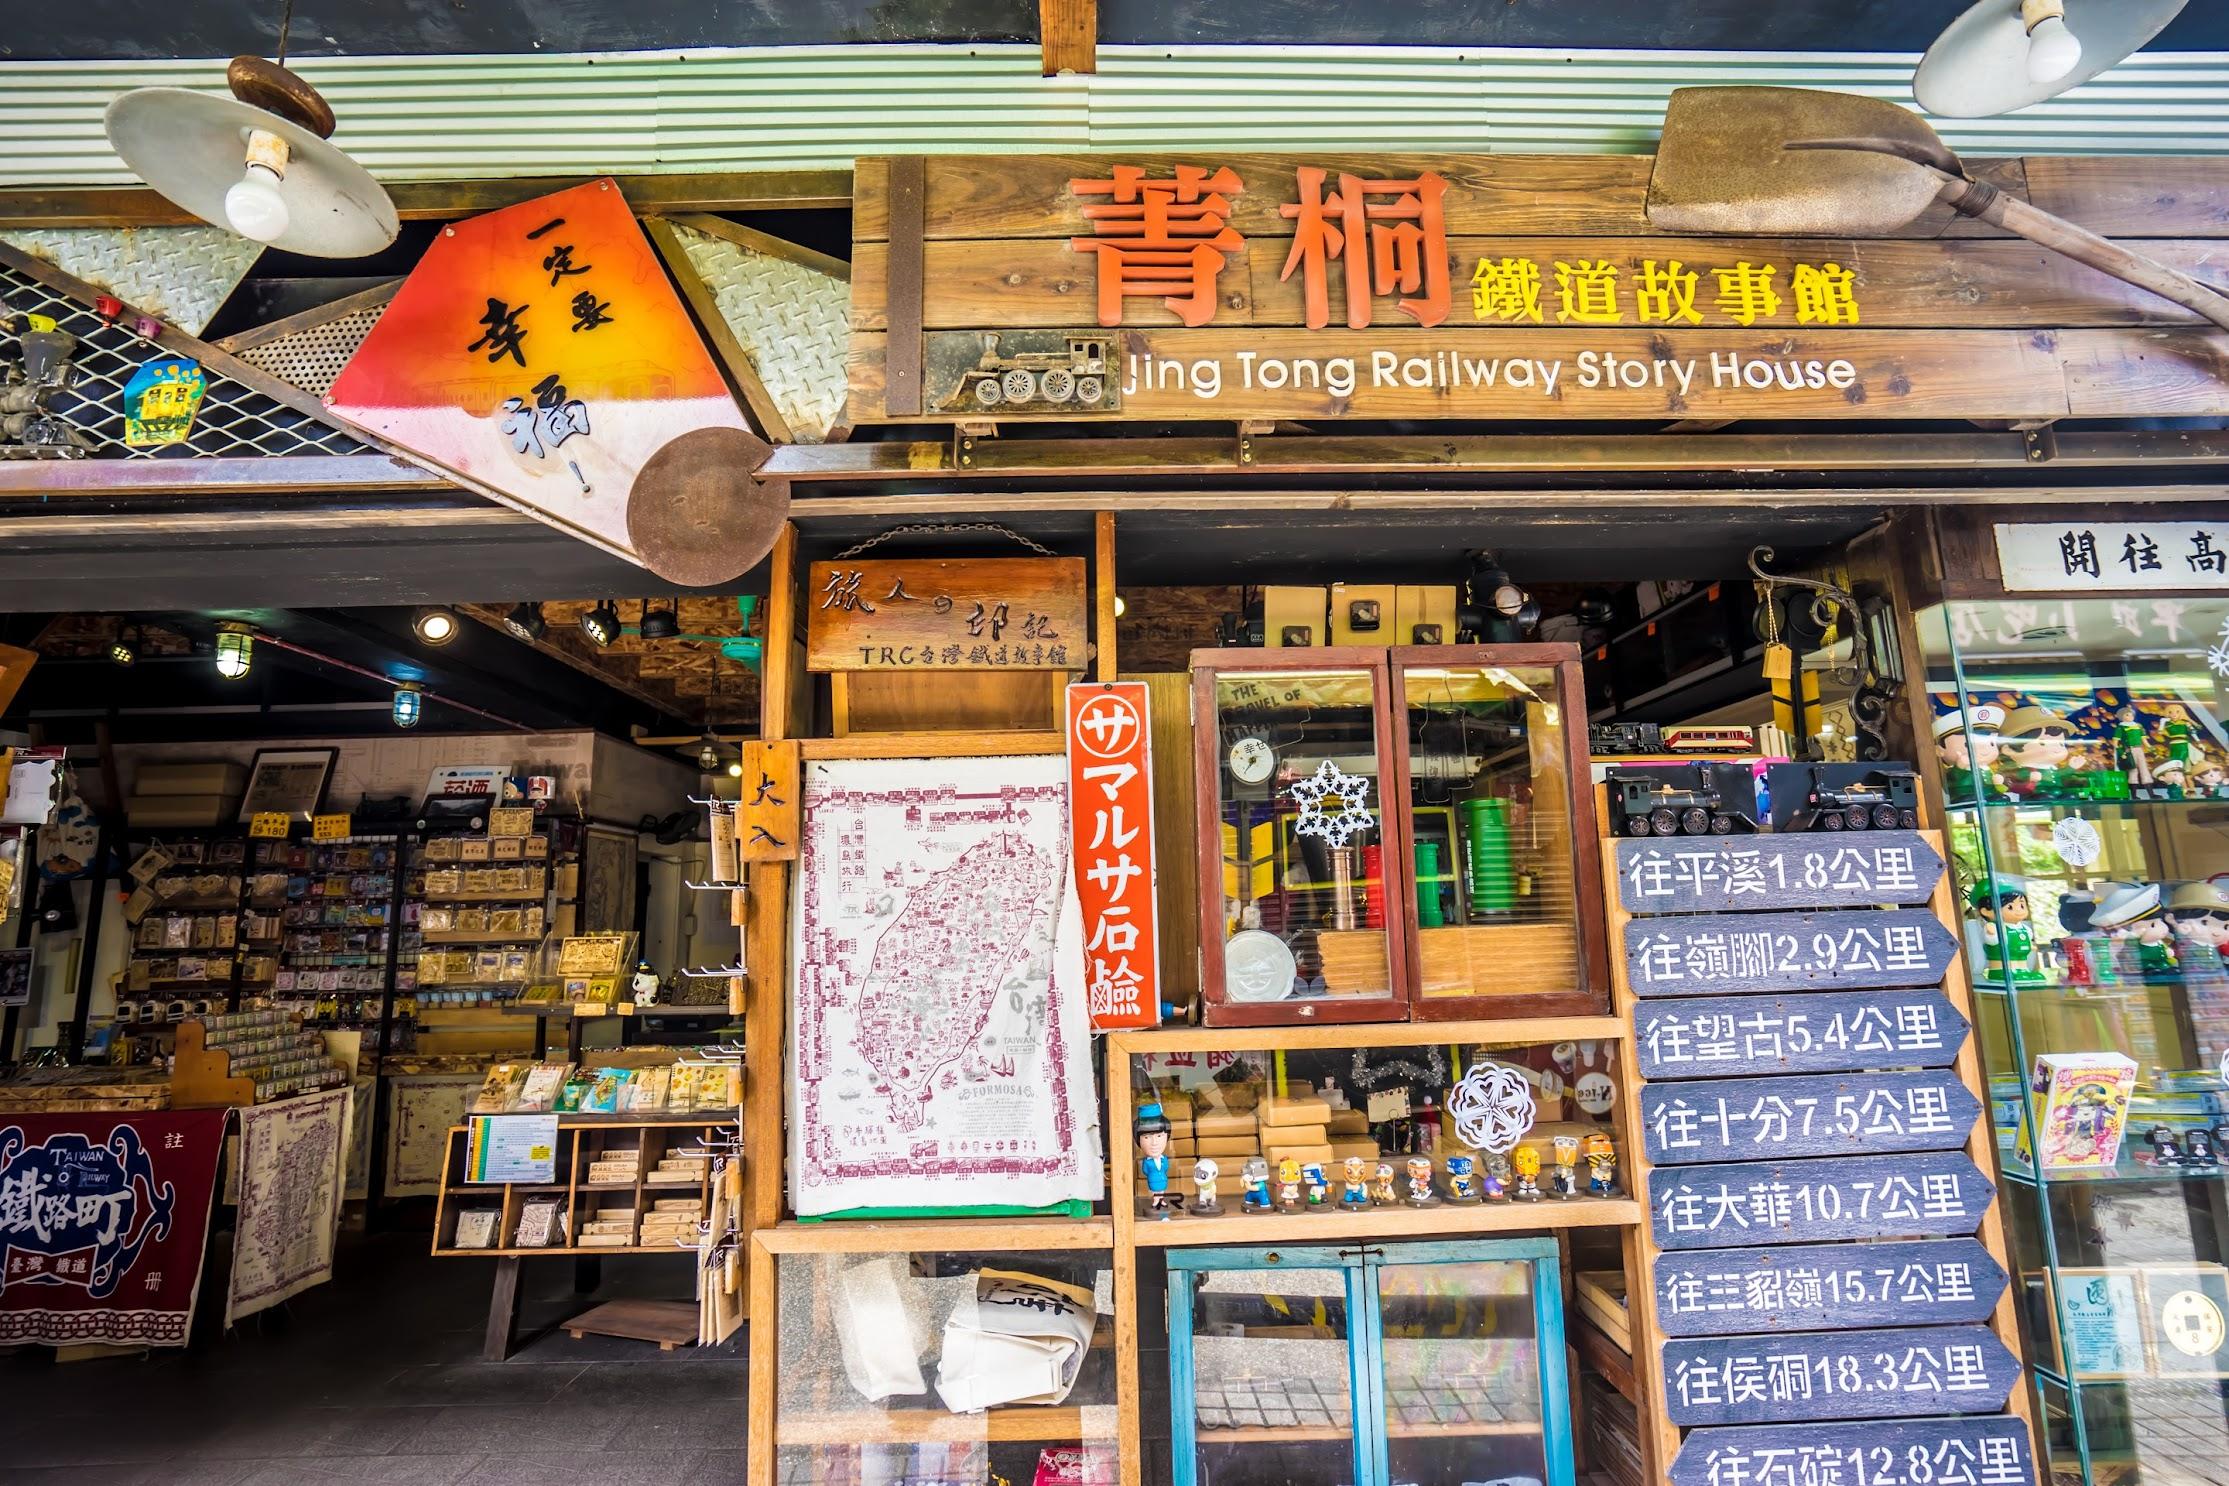 平渓線 菁桐 鐵道故事館1